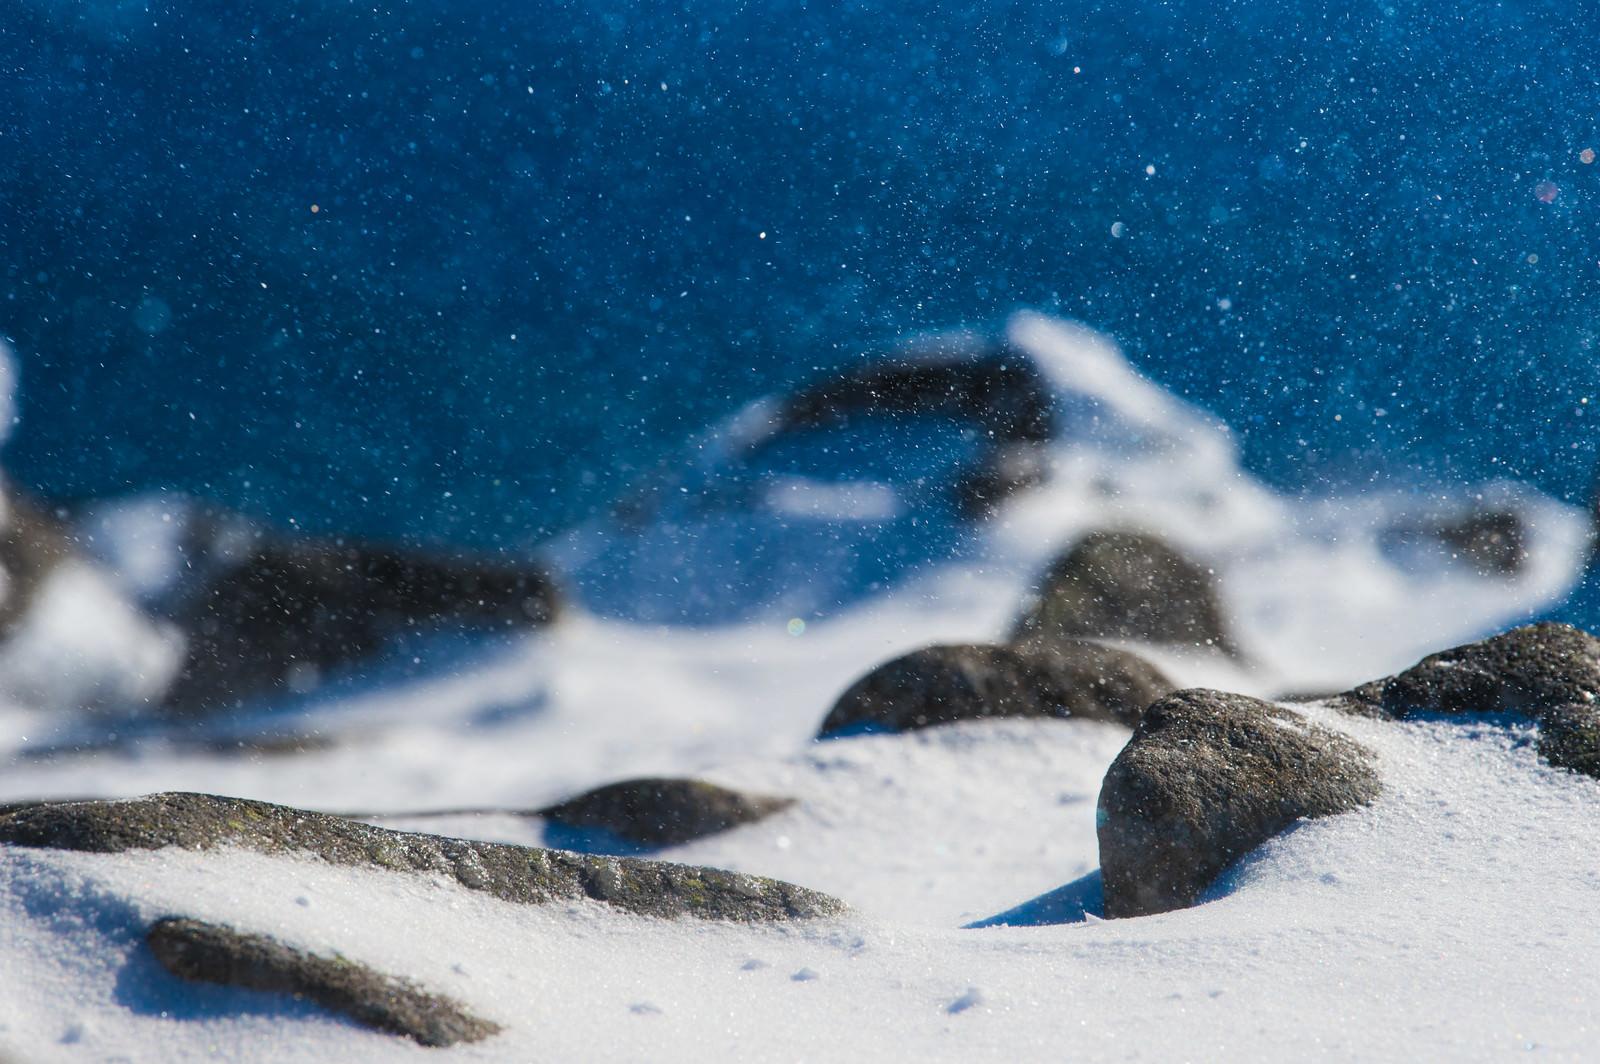 「八ヶ岳ブルーに舞う雪の結晶」の写真